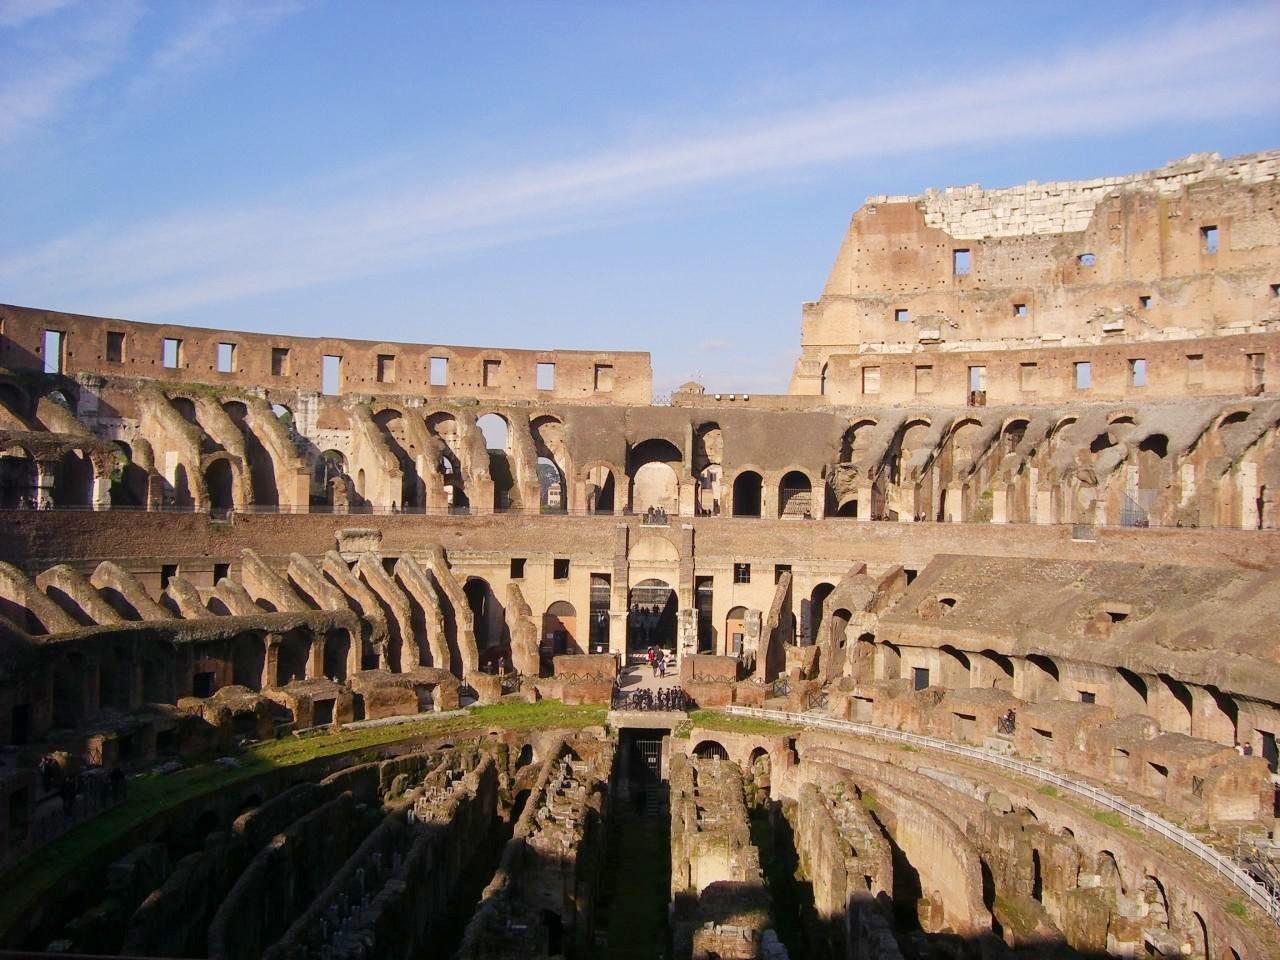 冬のイタリア観光スポット5選!オフシーズンをリーズナブルに楽しもう!